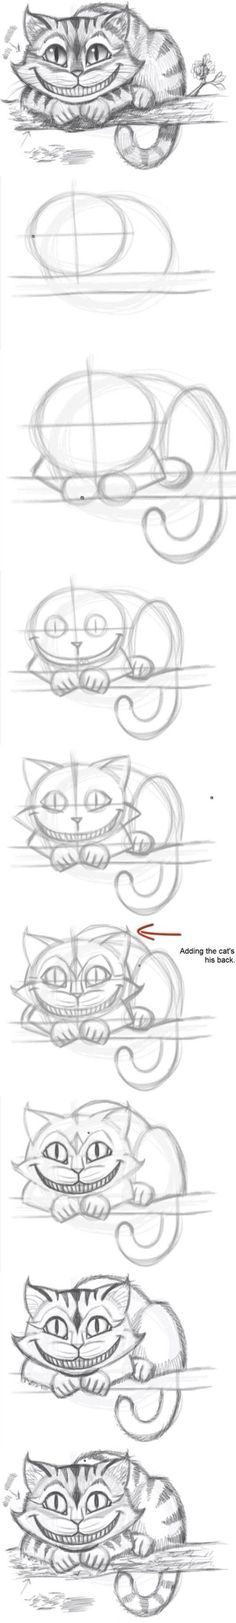 Tutoriel dessiner le chat d'Alice au pays des merveilles Plus